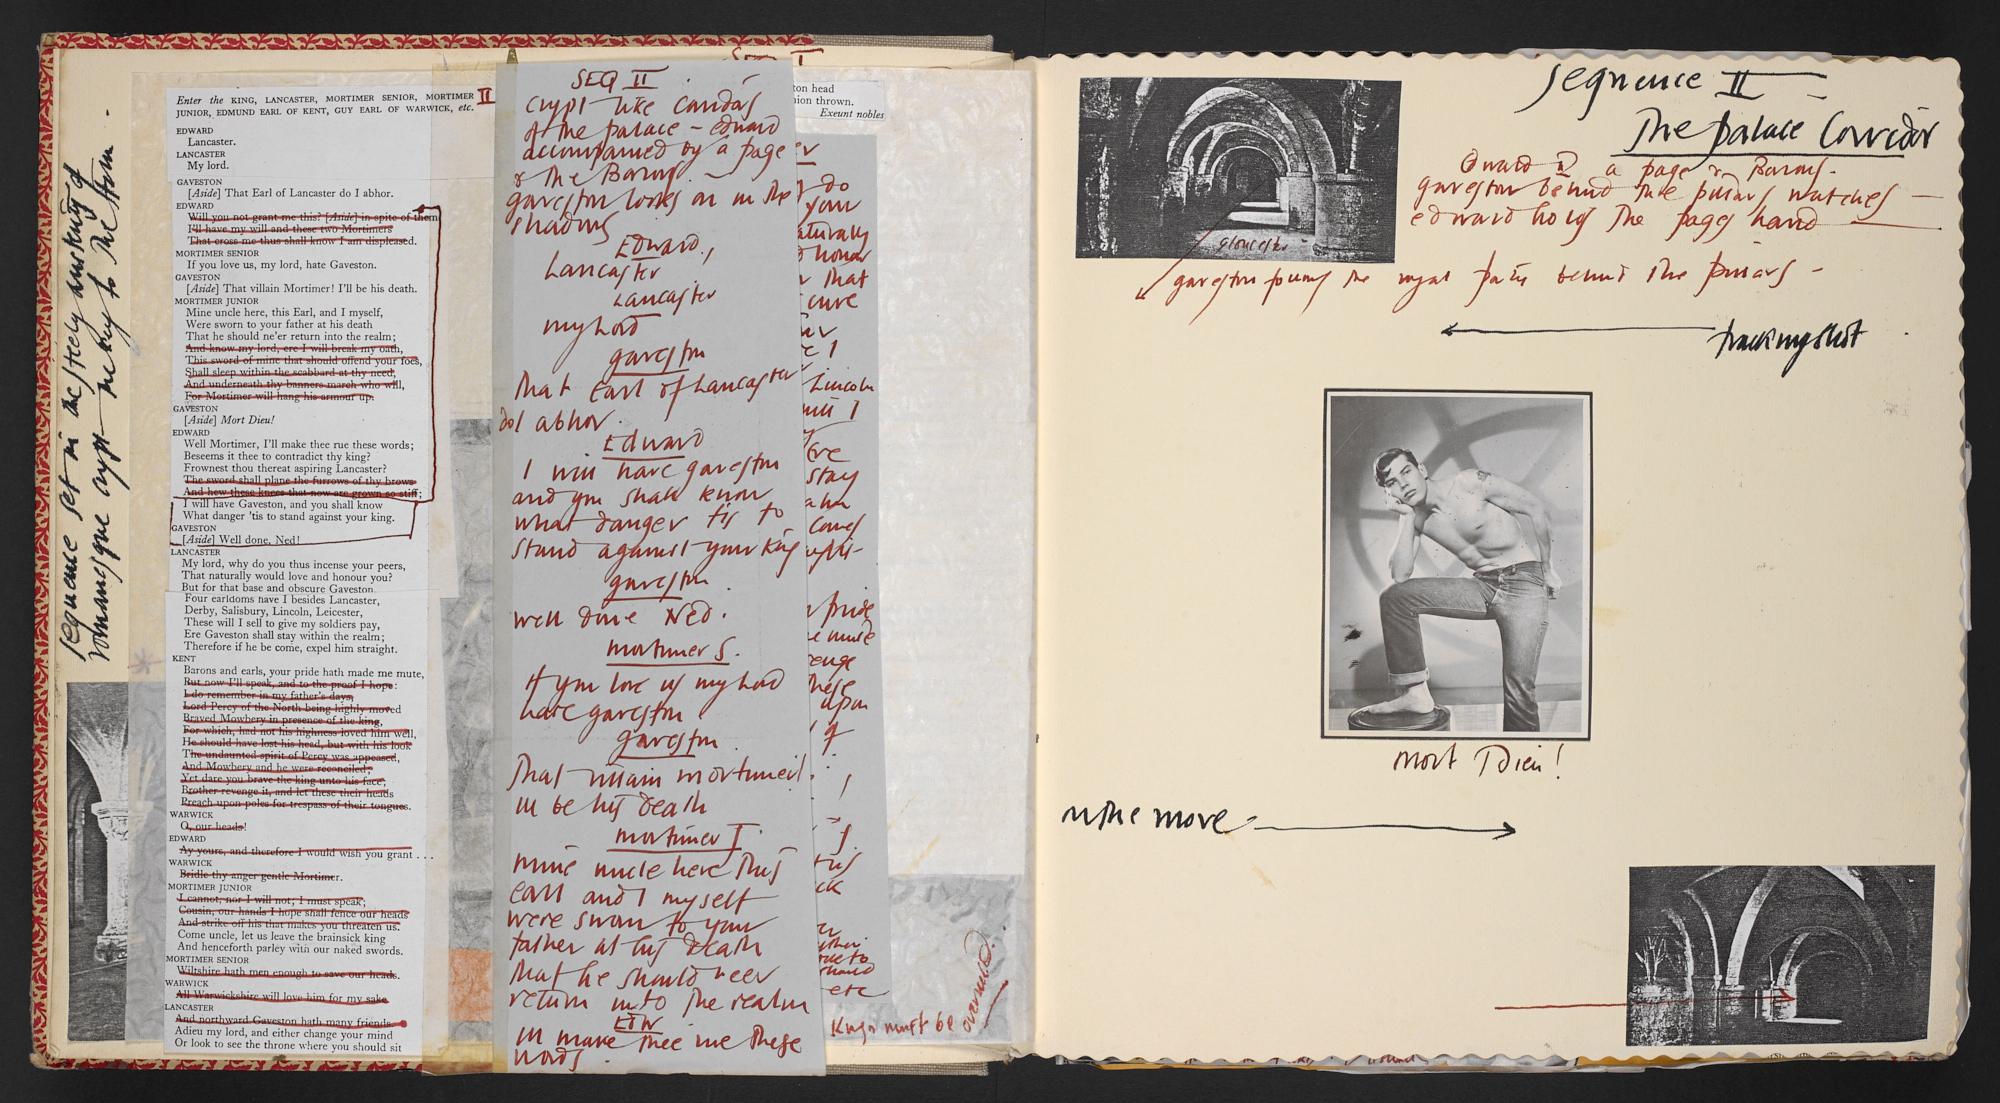 Derek Jarman's 'Sex and Violence: Sod 'em'/ 'Edward II' sketchbook